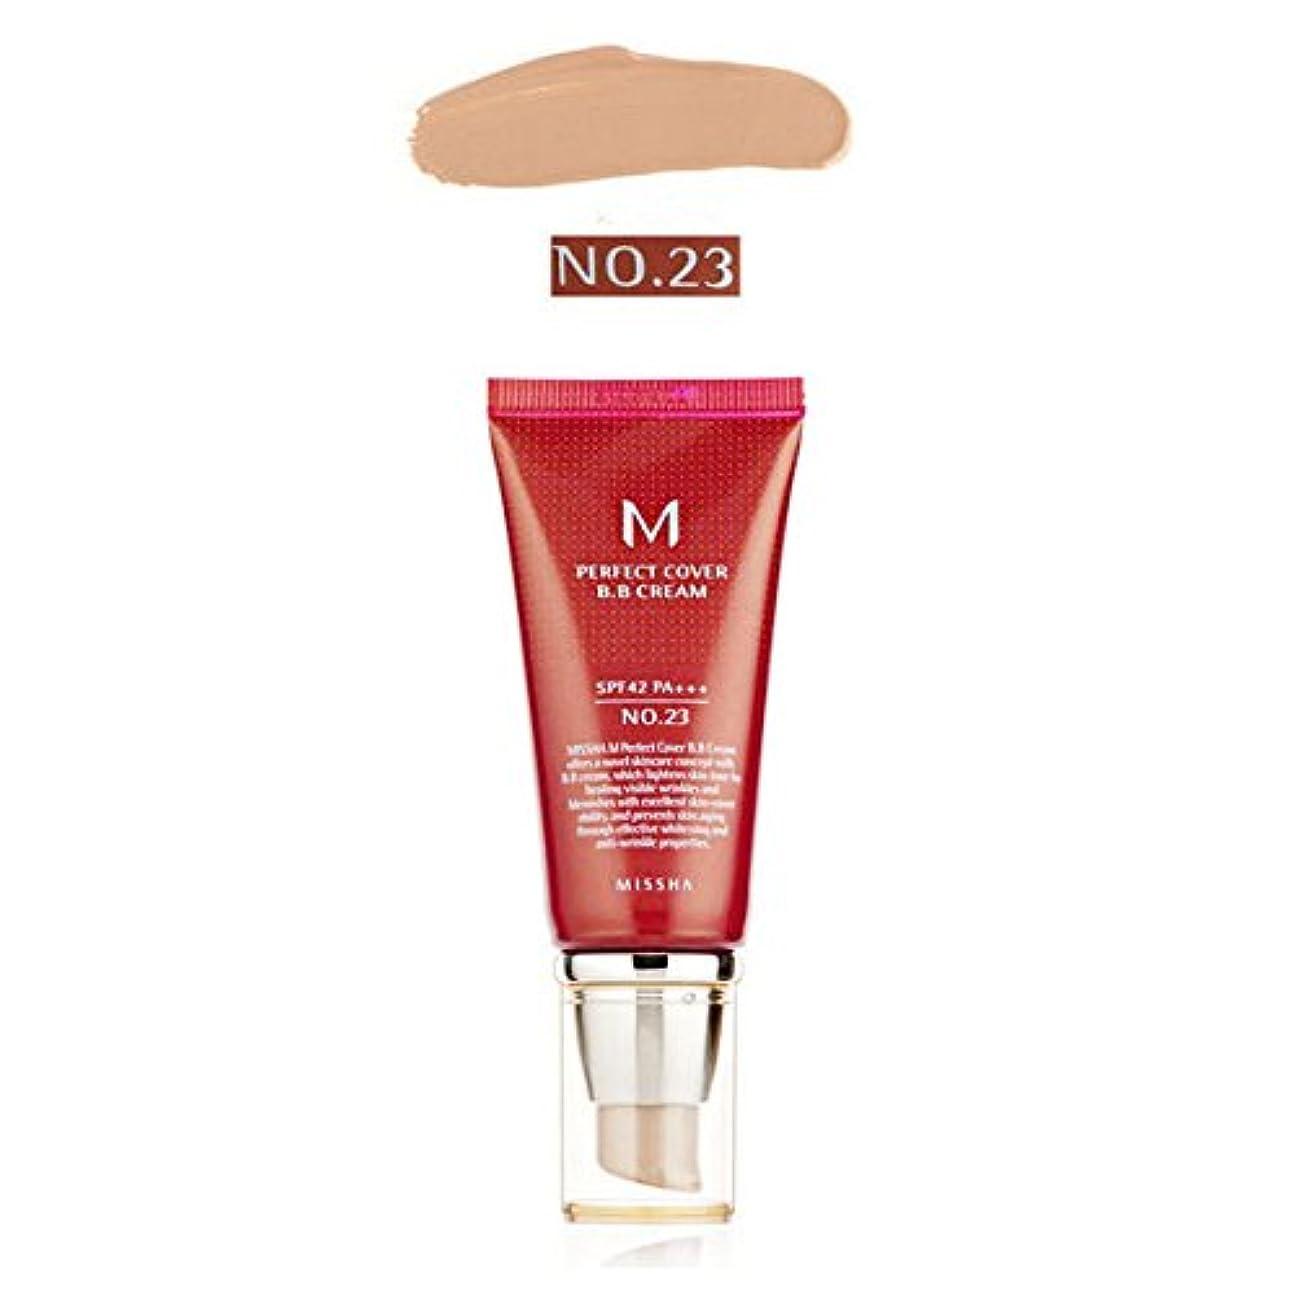 四面体部分的にスライス[ミシャ] MISSHA [M パーフェクト カバー BBクリーム 21号 / 23号50ml] (M Perfect Cover BB cream 21号 / 23号 50ml) SPF42 PA+++ (Type2 : No.23 Medium Beige) [並行輸入品]